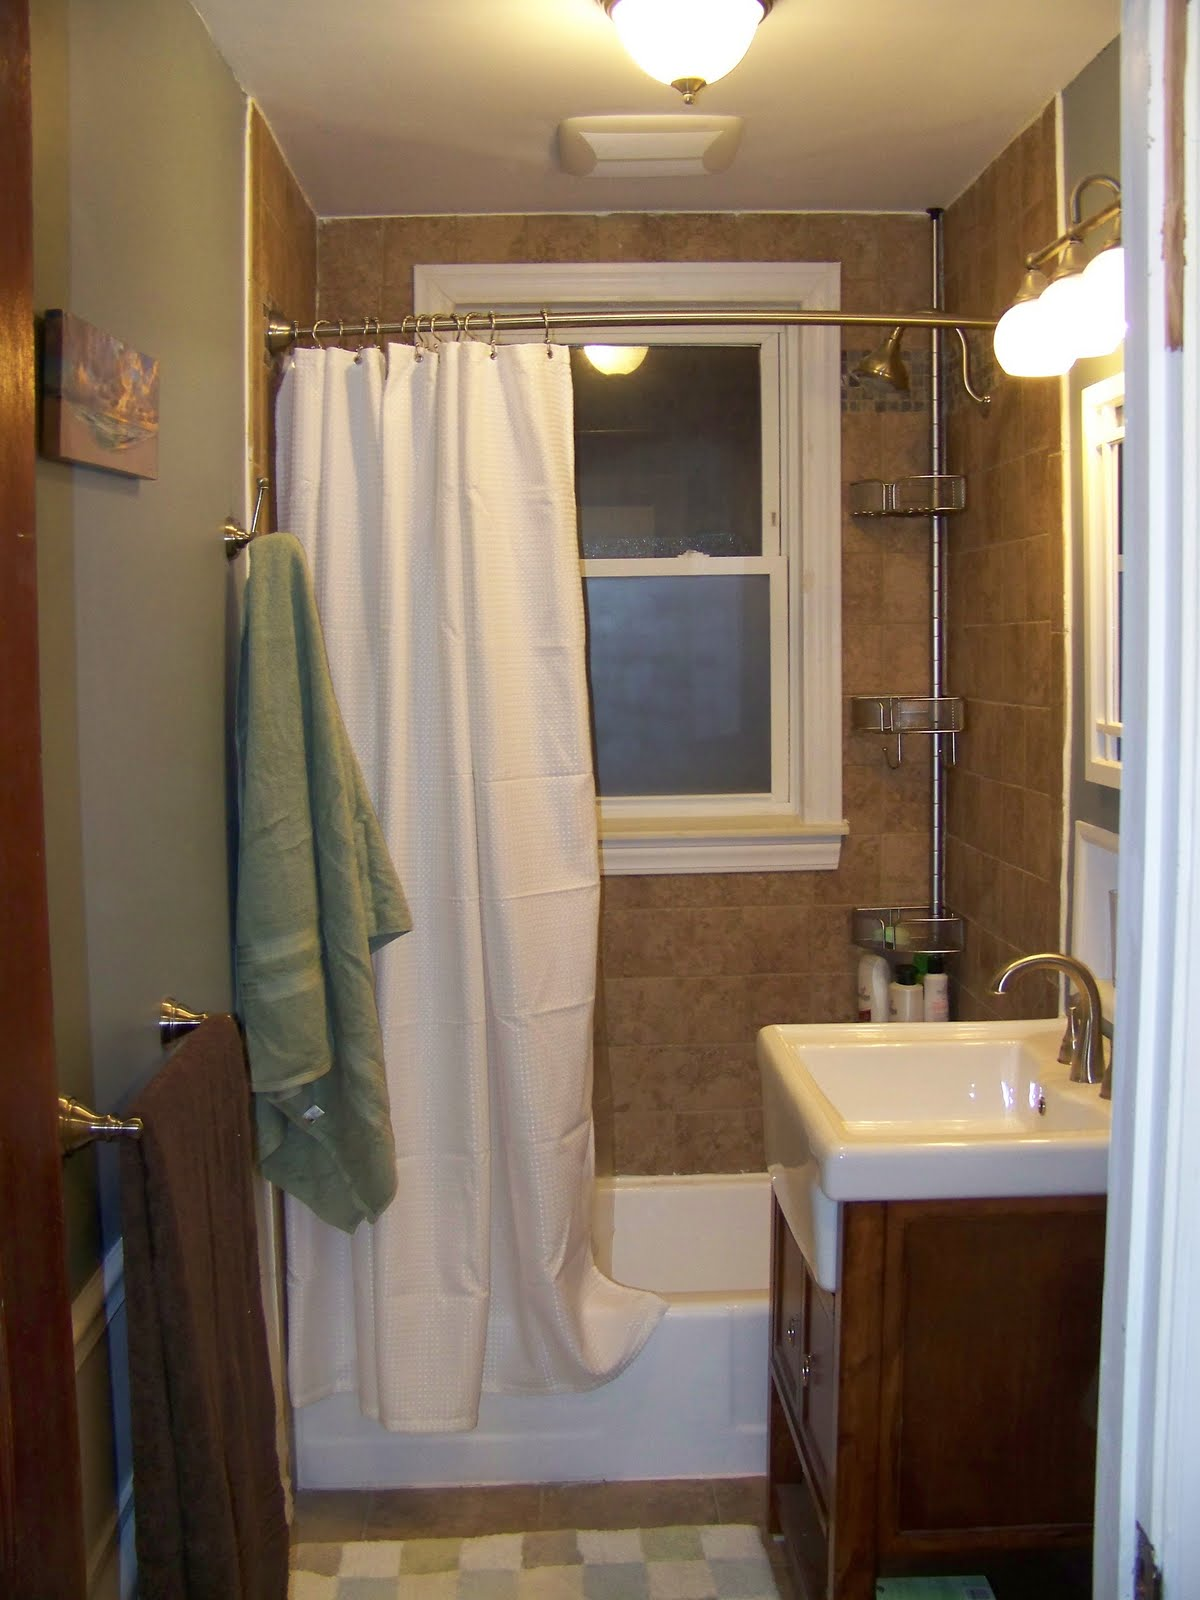 Bathroom remodeling ideas for half bathrooms home - Bathroom renovation designs ideas ...